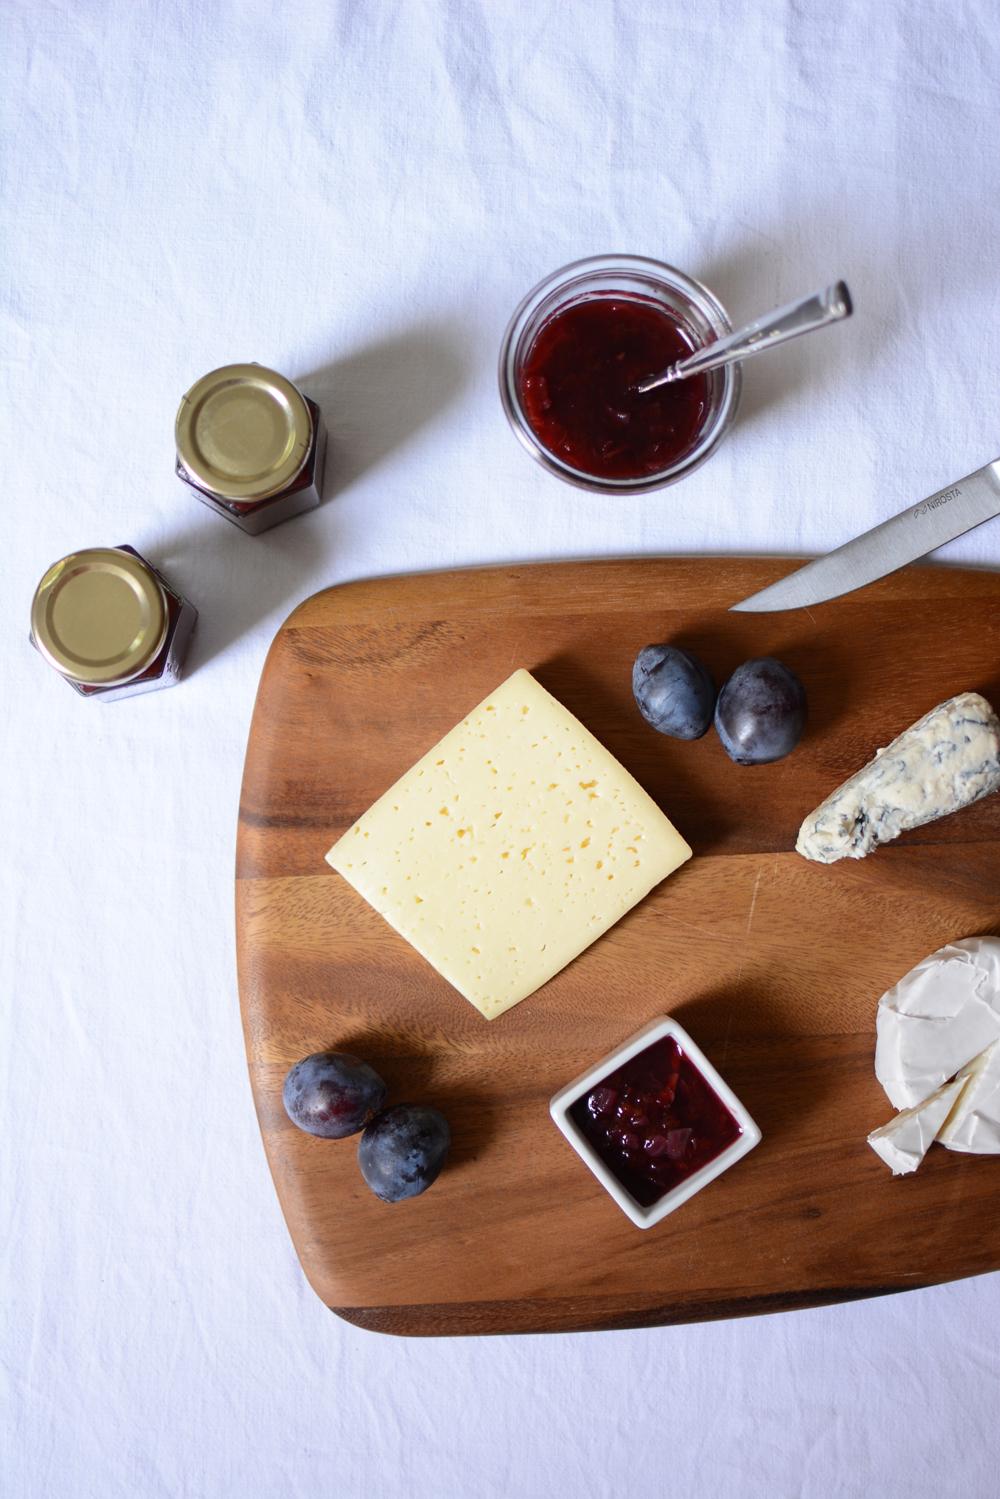 Zwetschken-Zwiebel-Chutney mit Käseplatte |we love handmade